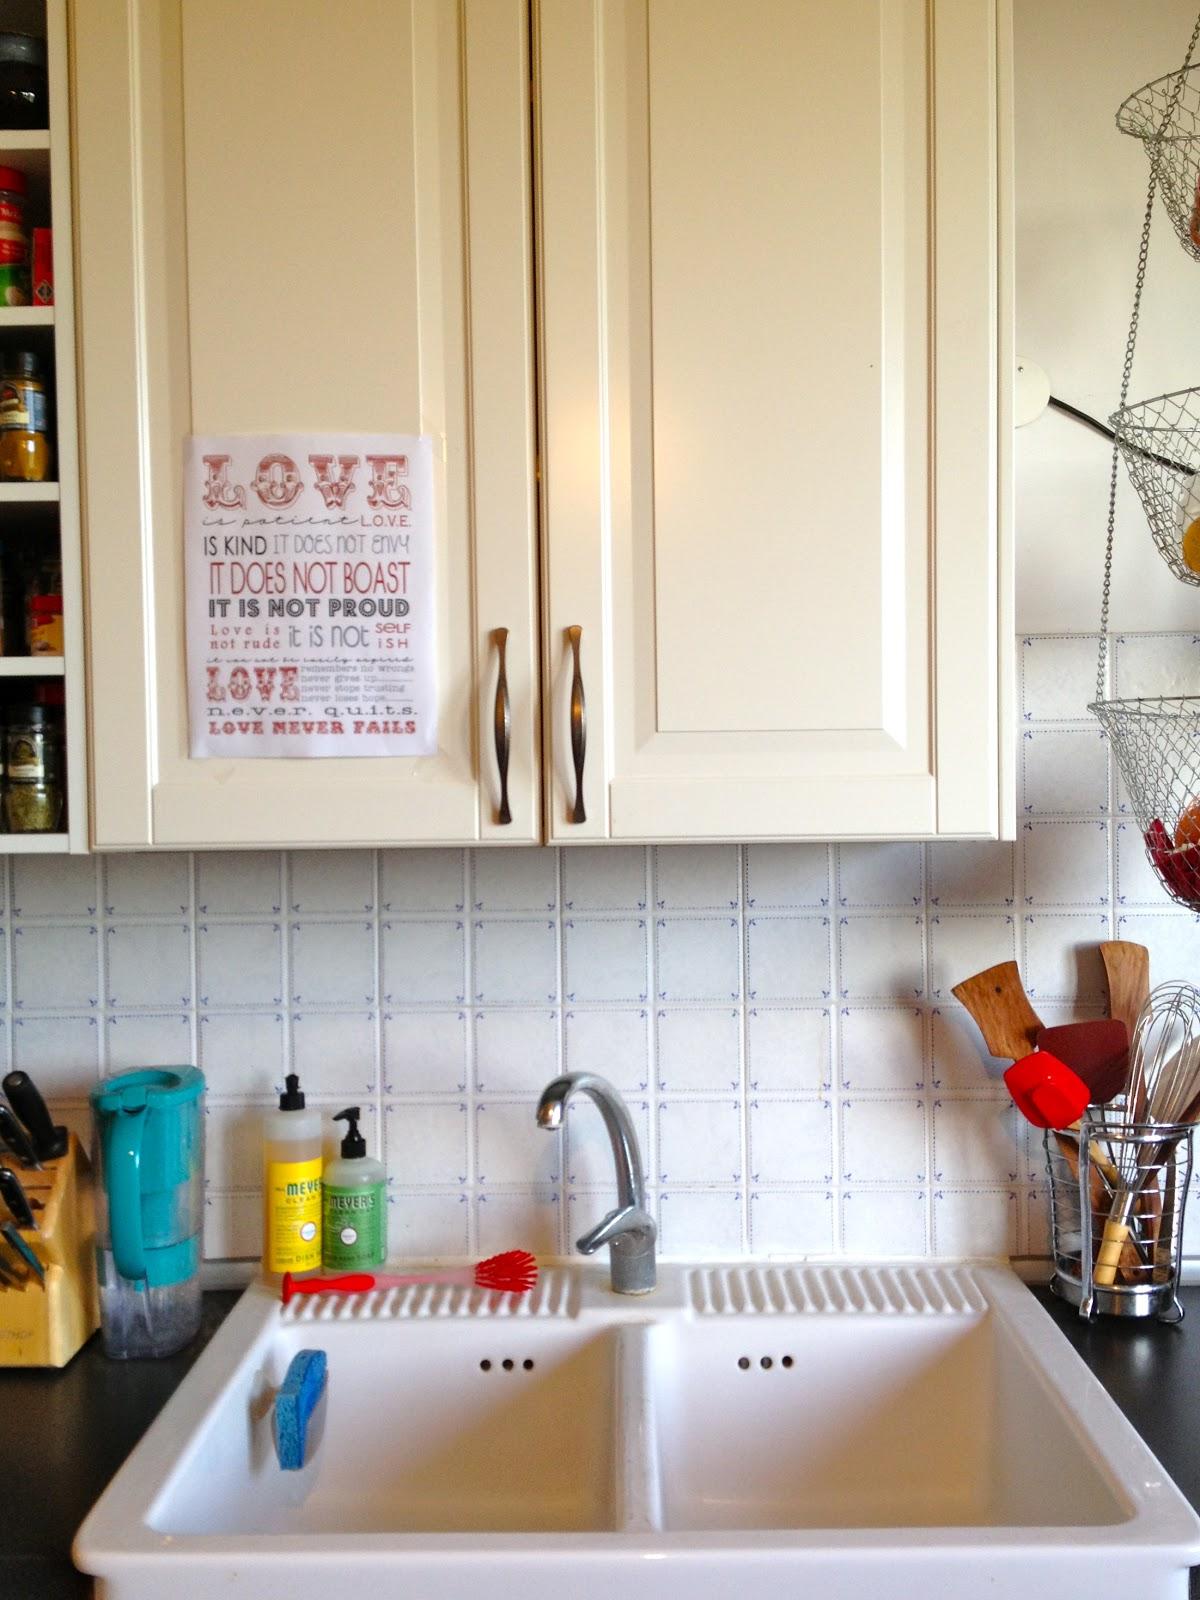 why Italian kitchens make me happy - Becca Garber